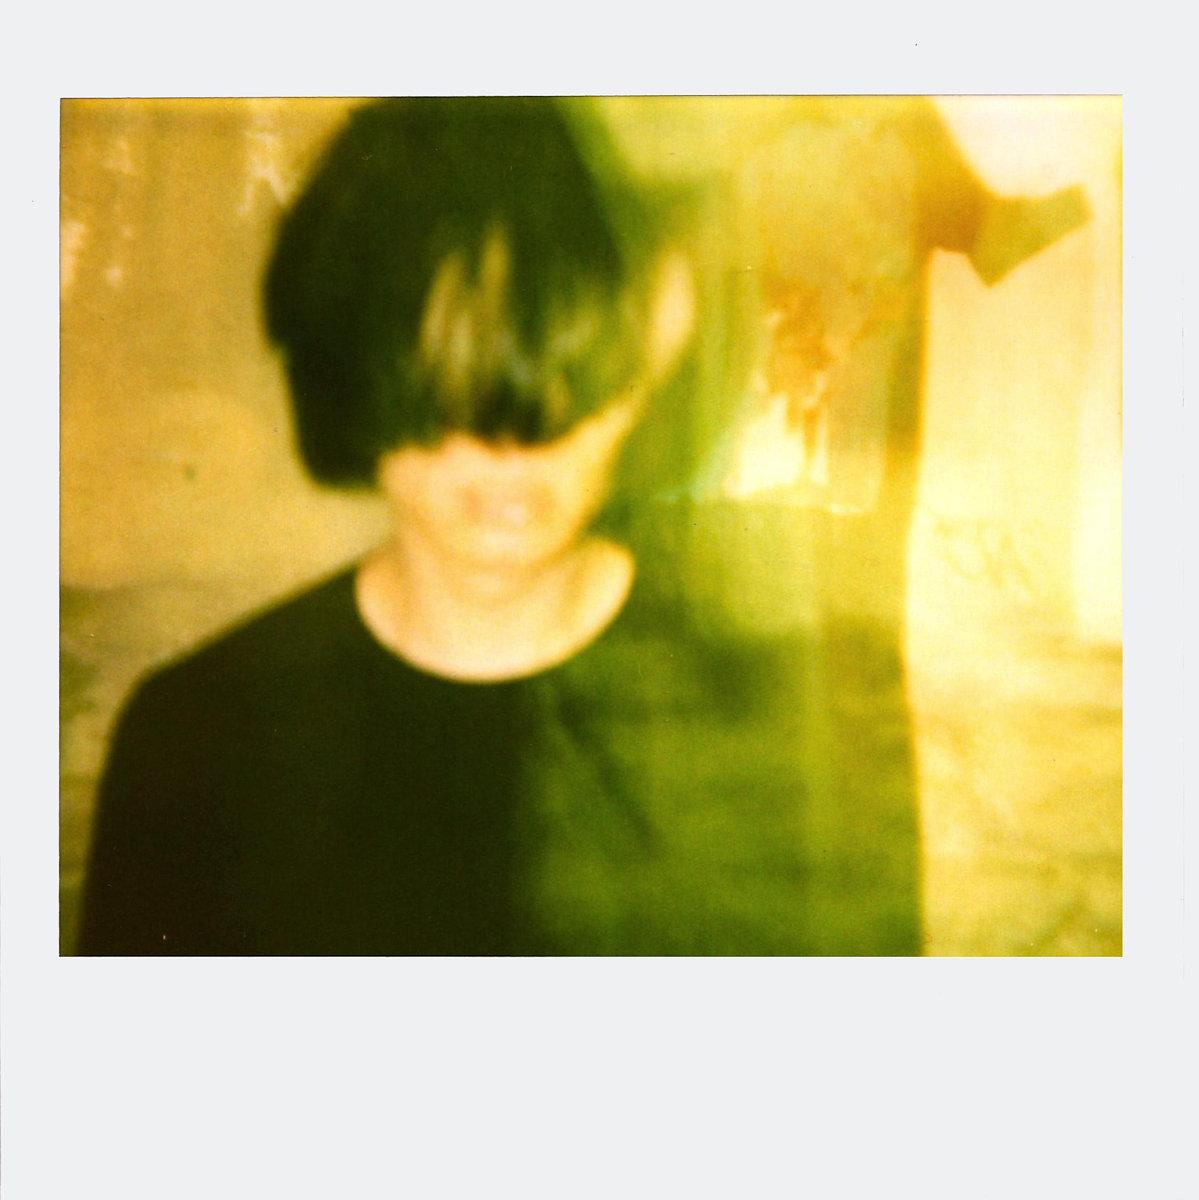 Joshua Third // The Horrors